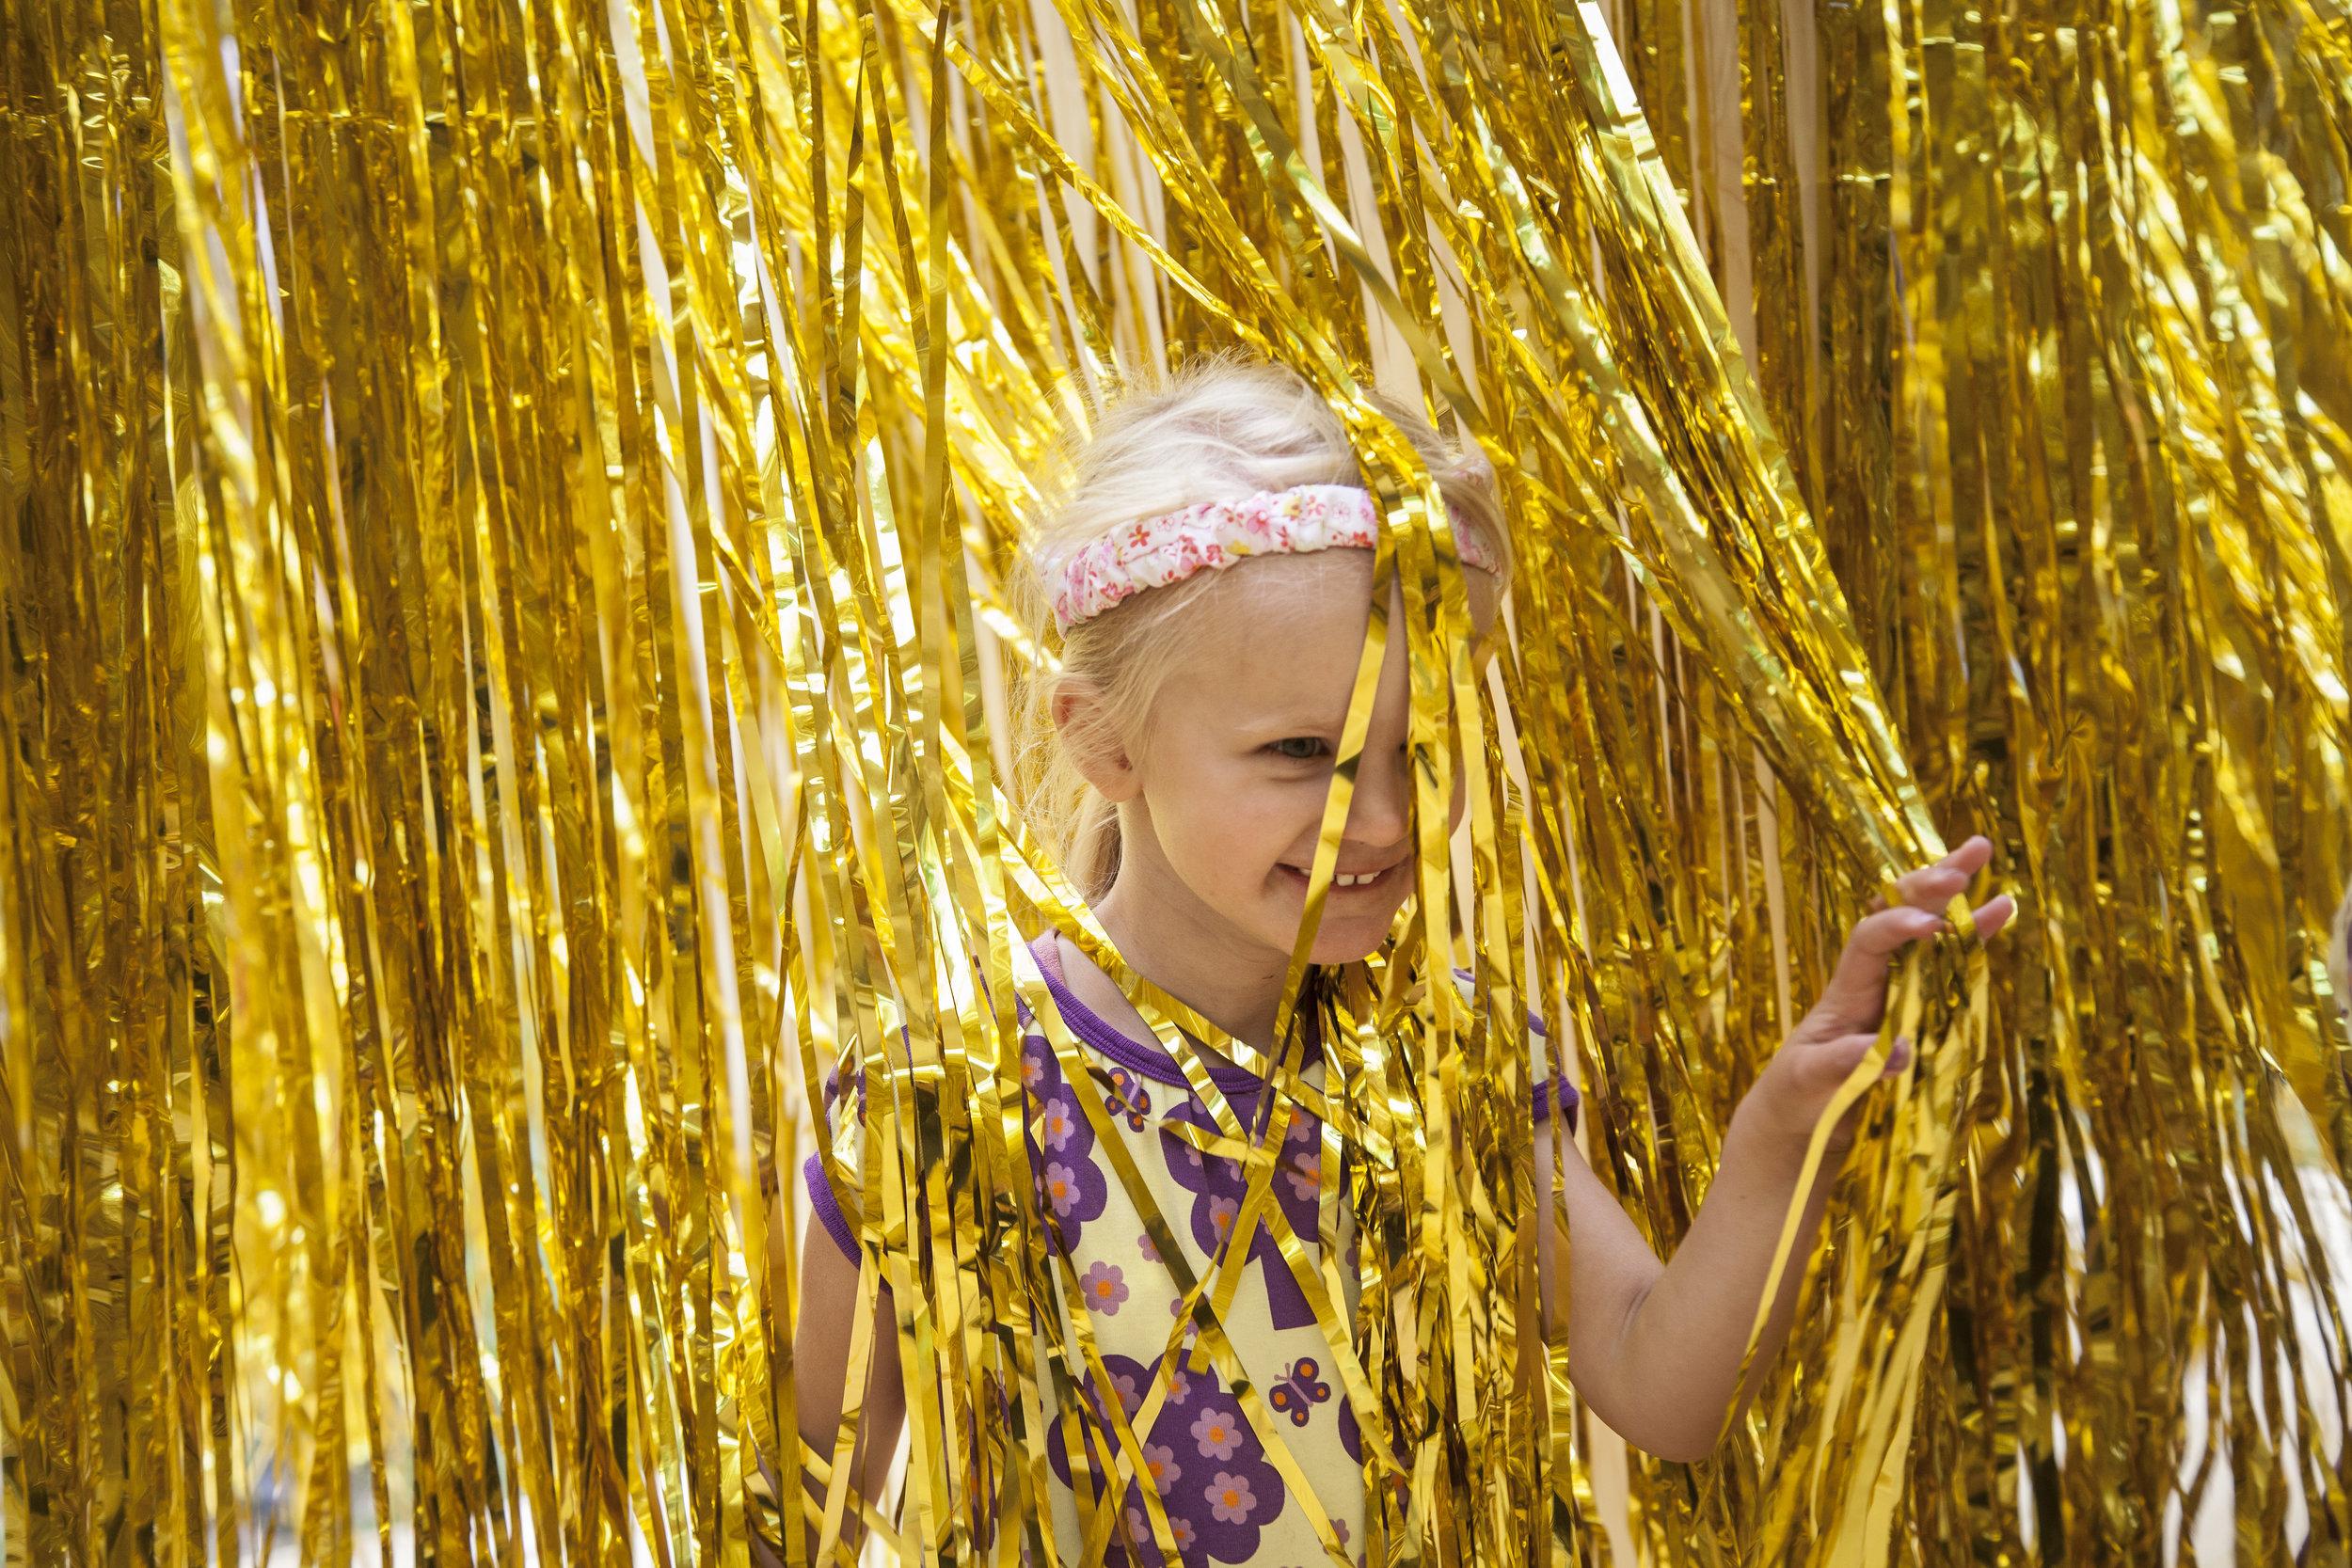 Hjerteland - Hjerteland er en magisk minifestival i Heartland for børn og barnlige sjæle, hvor du kan blive udfordret, inspireret og underholdt i et sandt slaraffenland af MUSIK, SNAK, MAD, KUNST og masser af OVERRASKELSER i et barnligt og anderledes perspektiv.